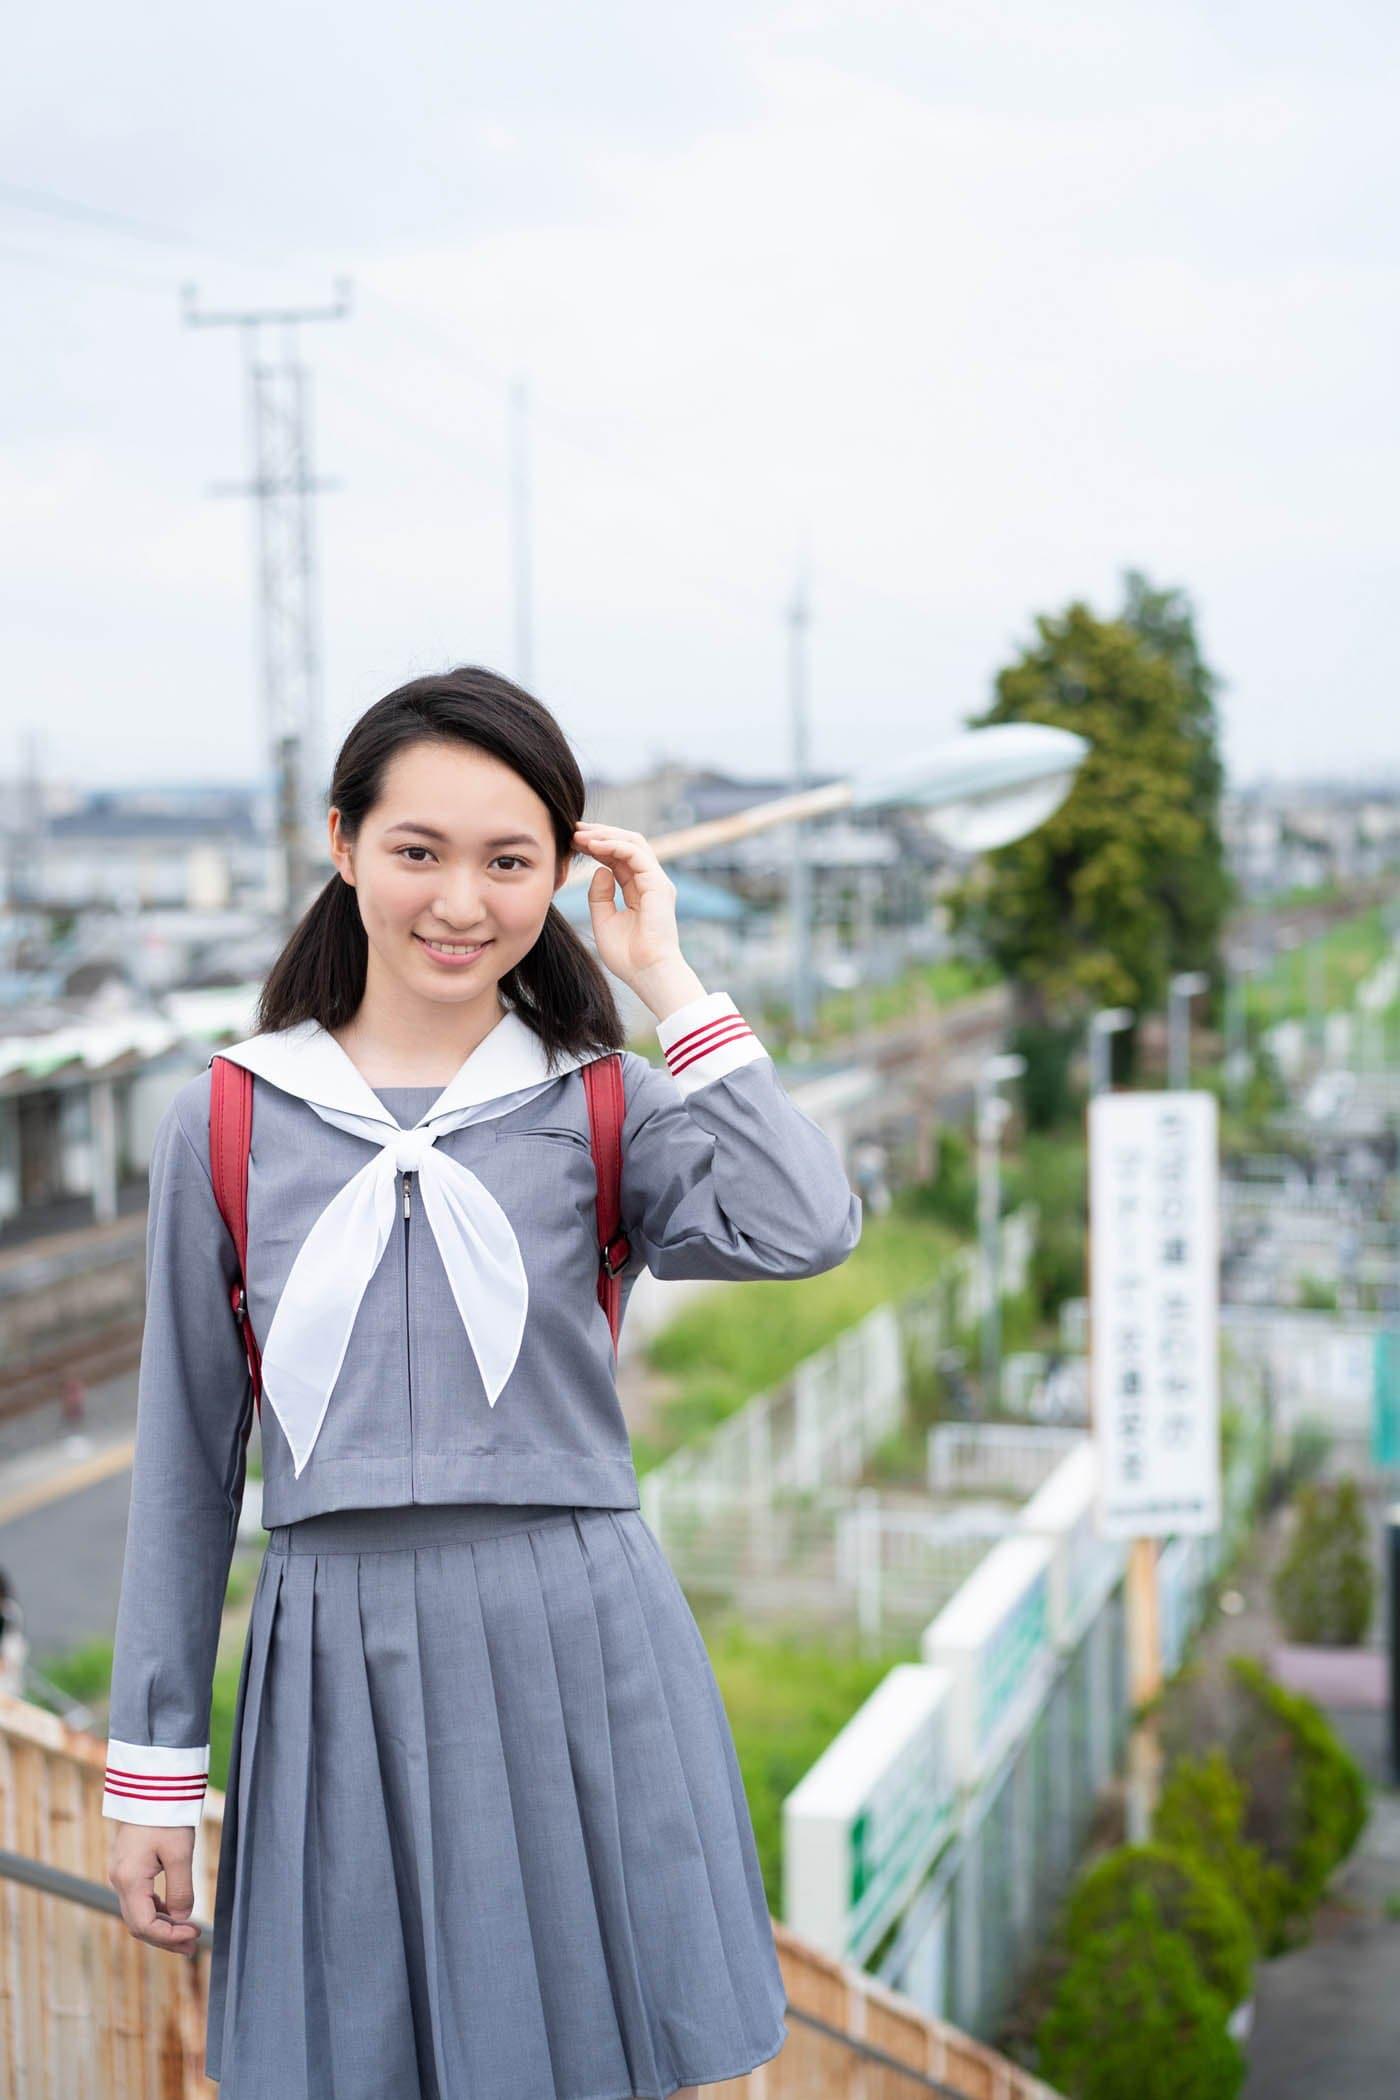 岡本桃花「清楚な制服姿」がまぶしい期待の新人!【写真5枚】の画像002